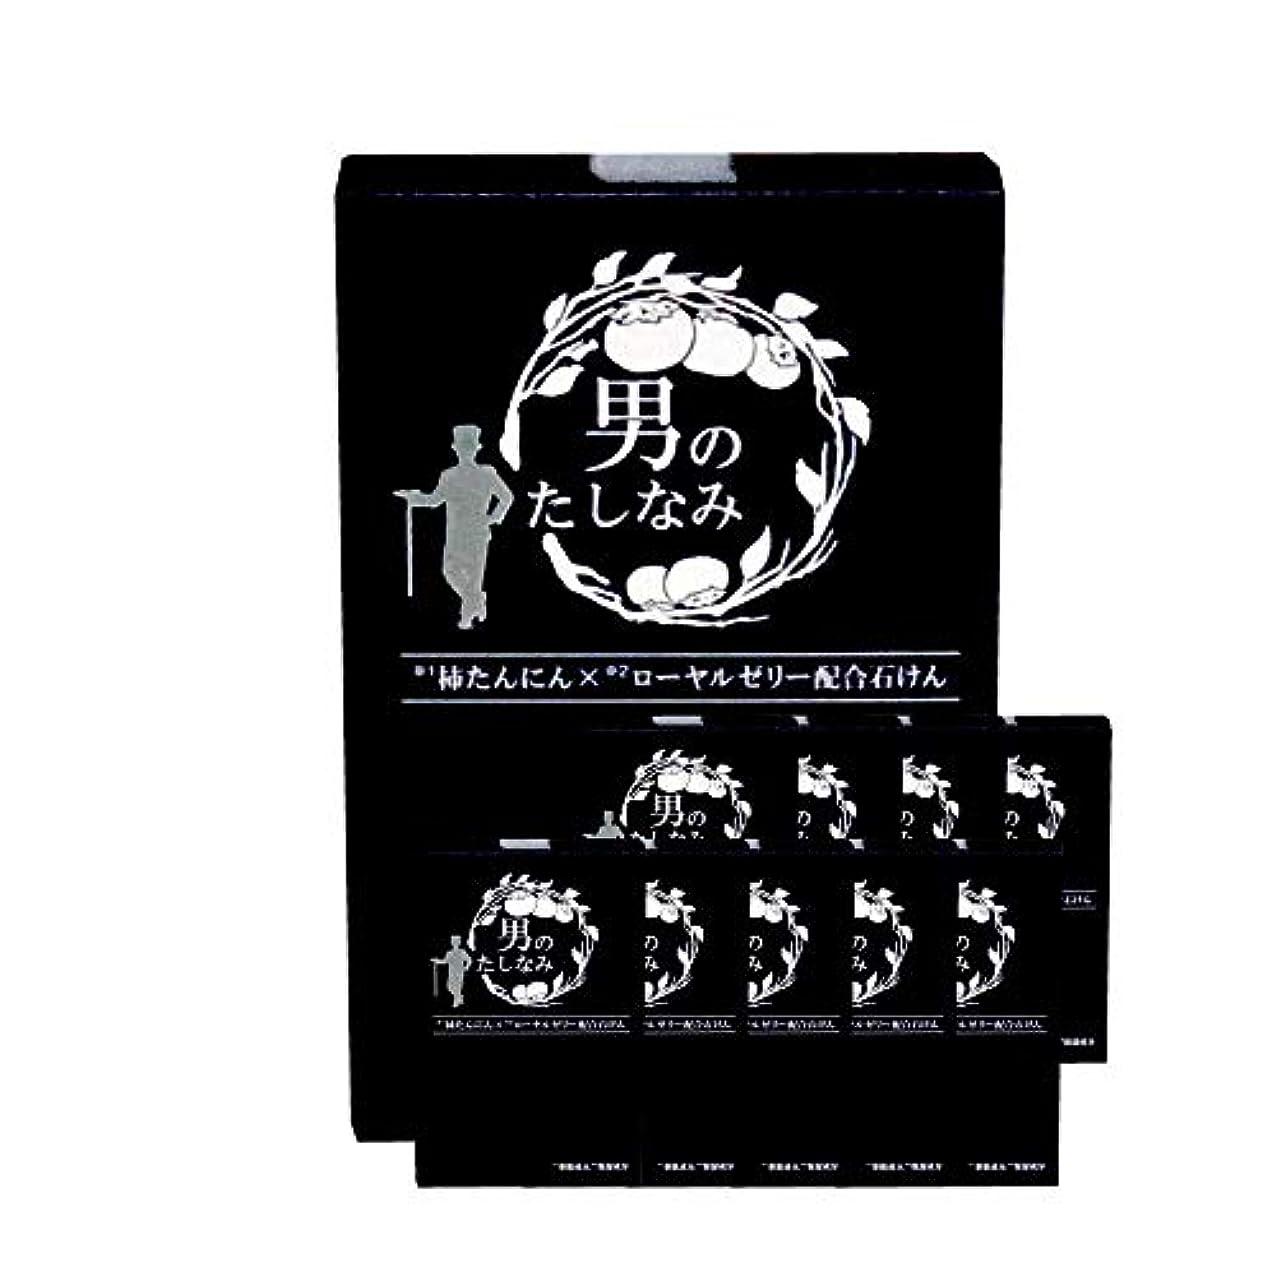 パトワ気楽なペデスタル柿渋石鹸 男のたしなみ 100g (10個セット)